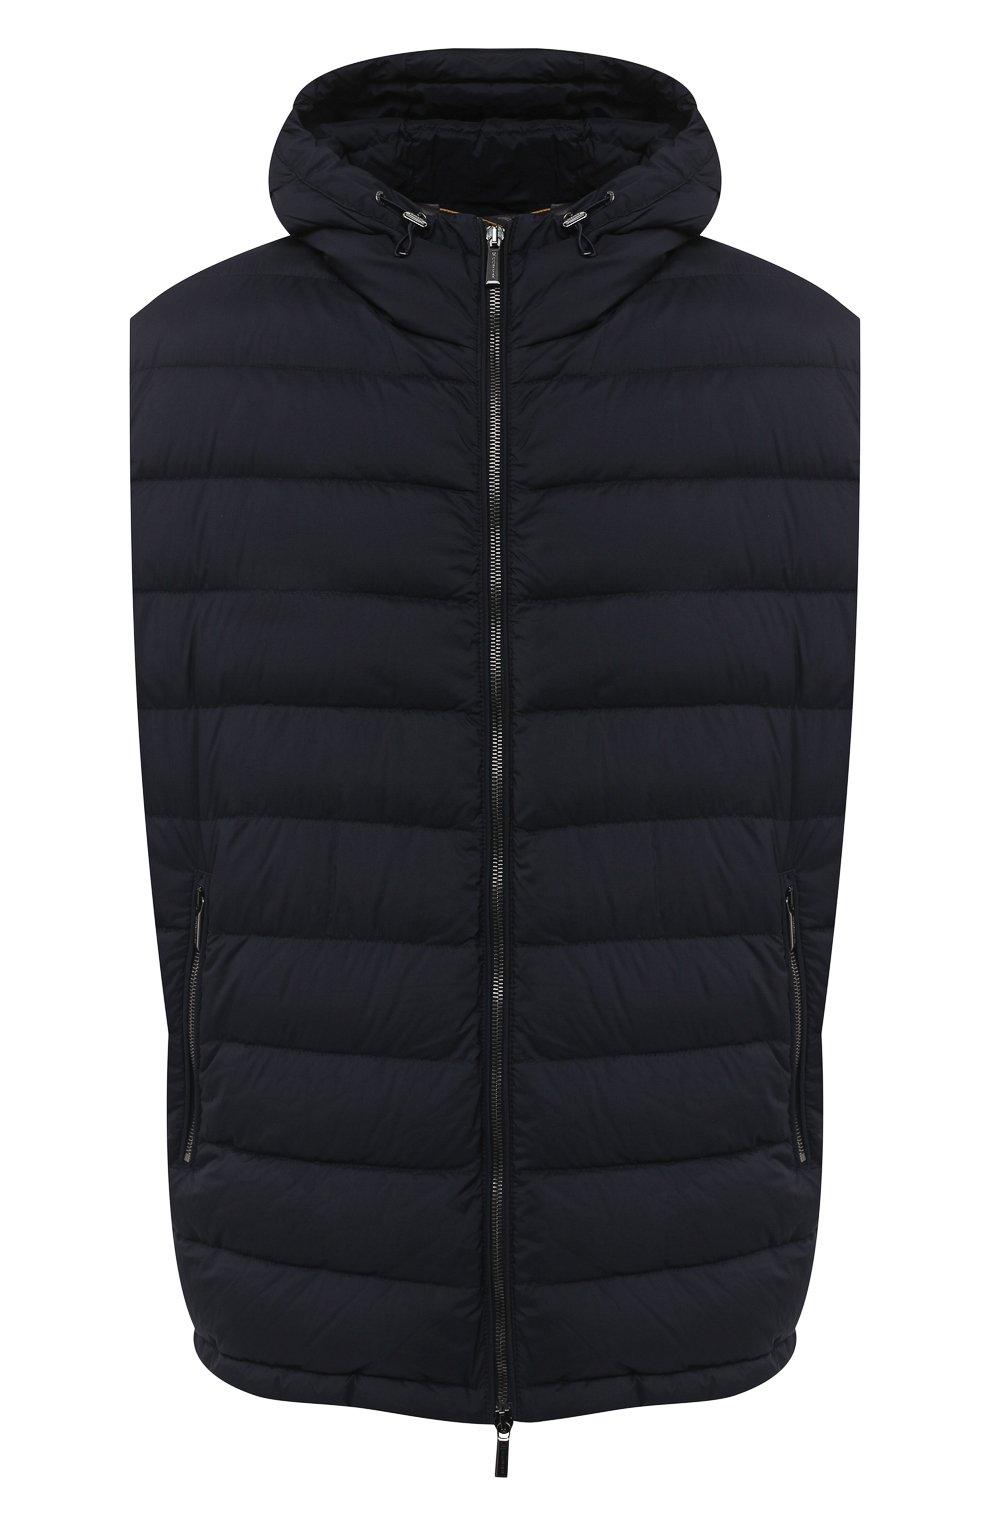 Мужской пуховый жилет blake-s3 MOORER темно-синего цвета, арт. BLAKE-S3/A20M350REFL/60-68 | Фото 1 (Кросс-КТ: Куртка, Пуховик; Big sizes: Big Sizes; Материал внешний: Синтетический материал; Материал подклада: Синтетический материал; Мужское Кросс-КТ: Верхняя одежда; Длина (верхняя одежда): Короткие; Стили: Кэжуэл)